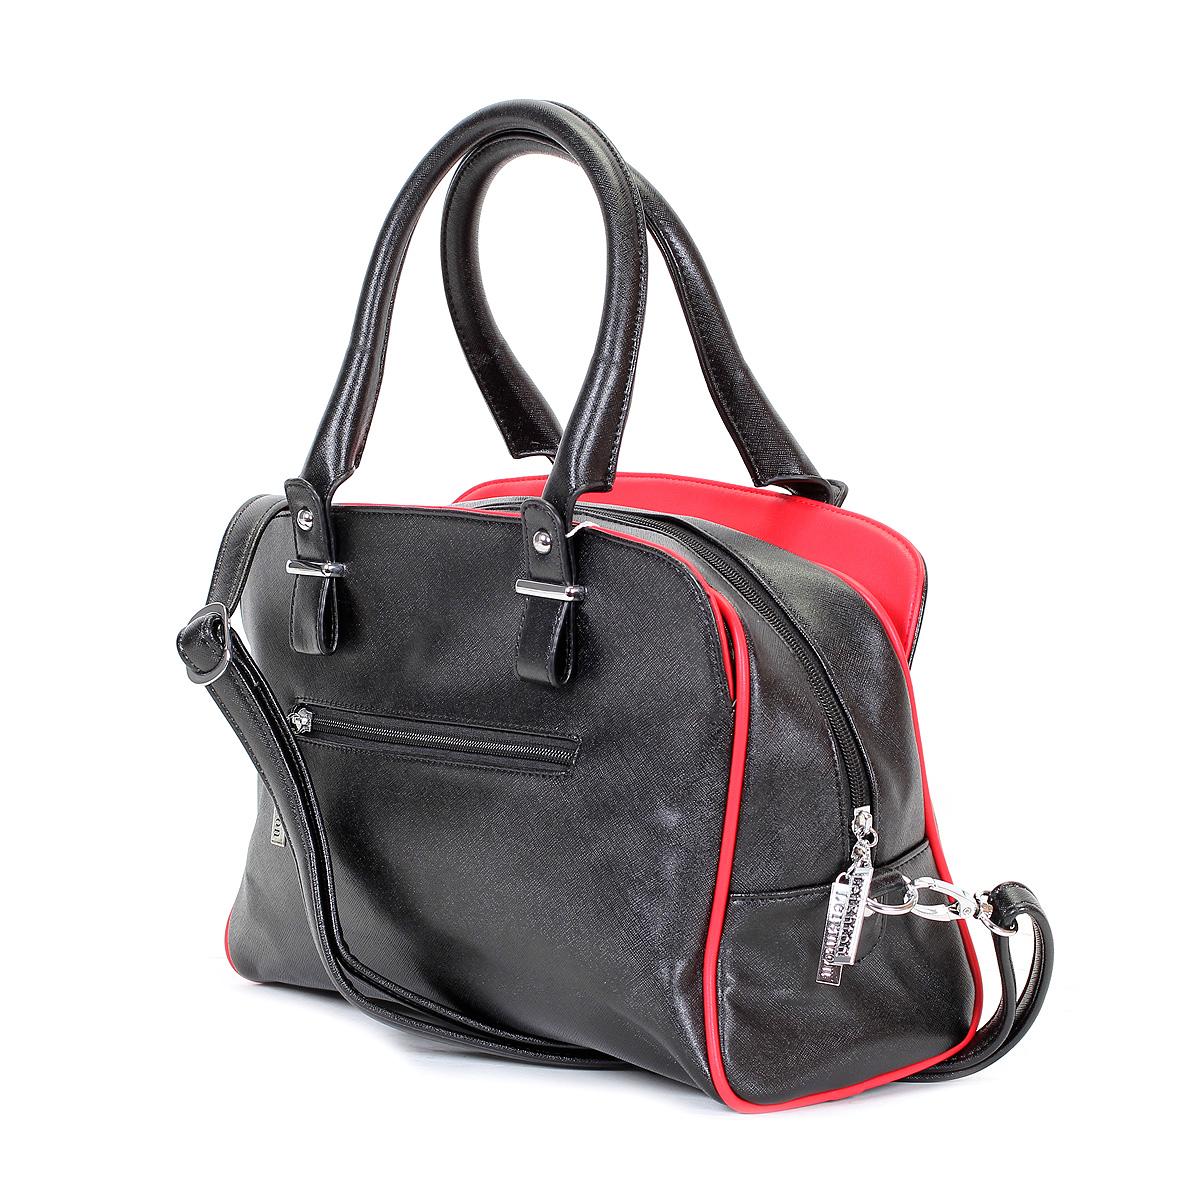 """Сумка женская """"Leighton"""", цвет: черный, красный. 570353-3769/1/1166/601 ( 570353-3769/1/1166/601 )"""